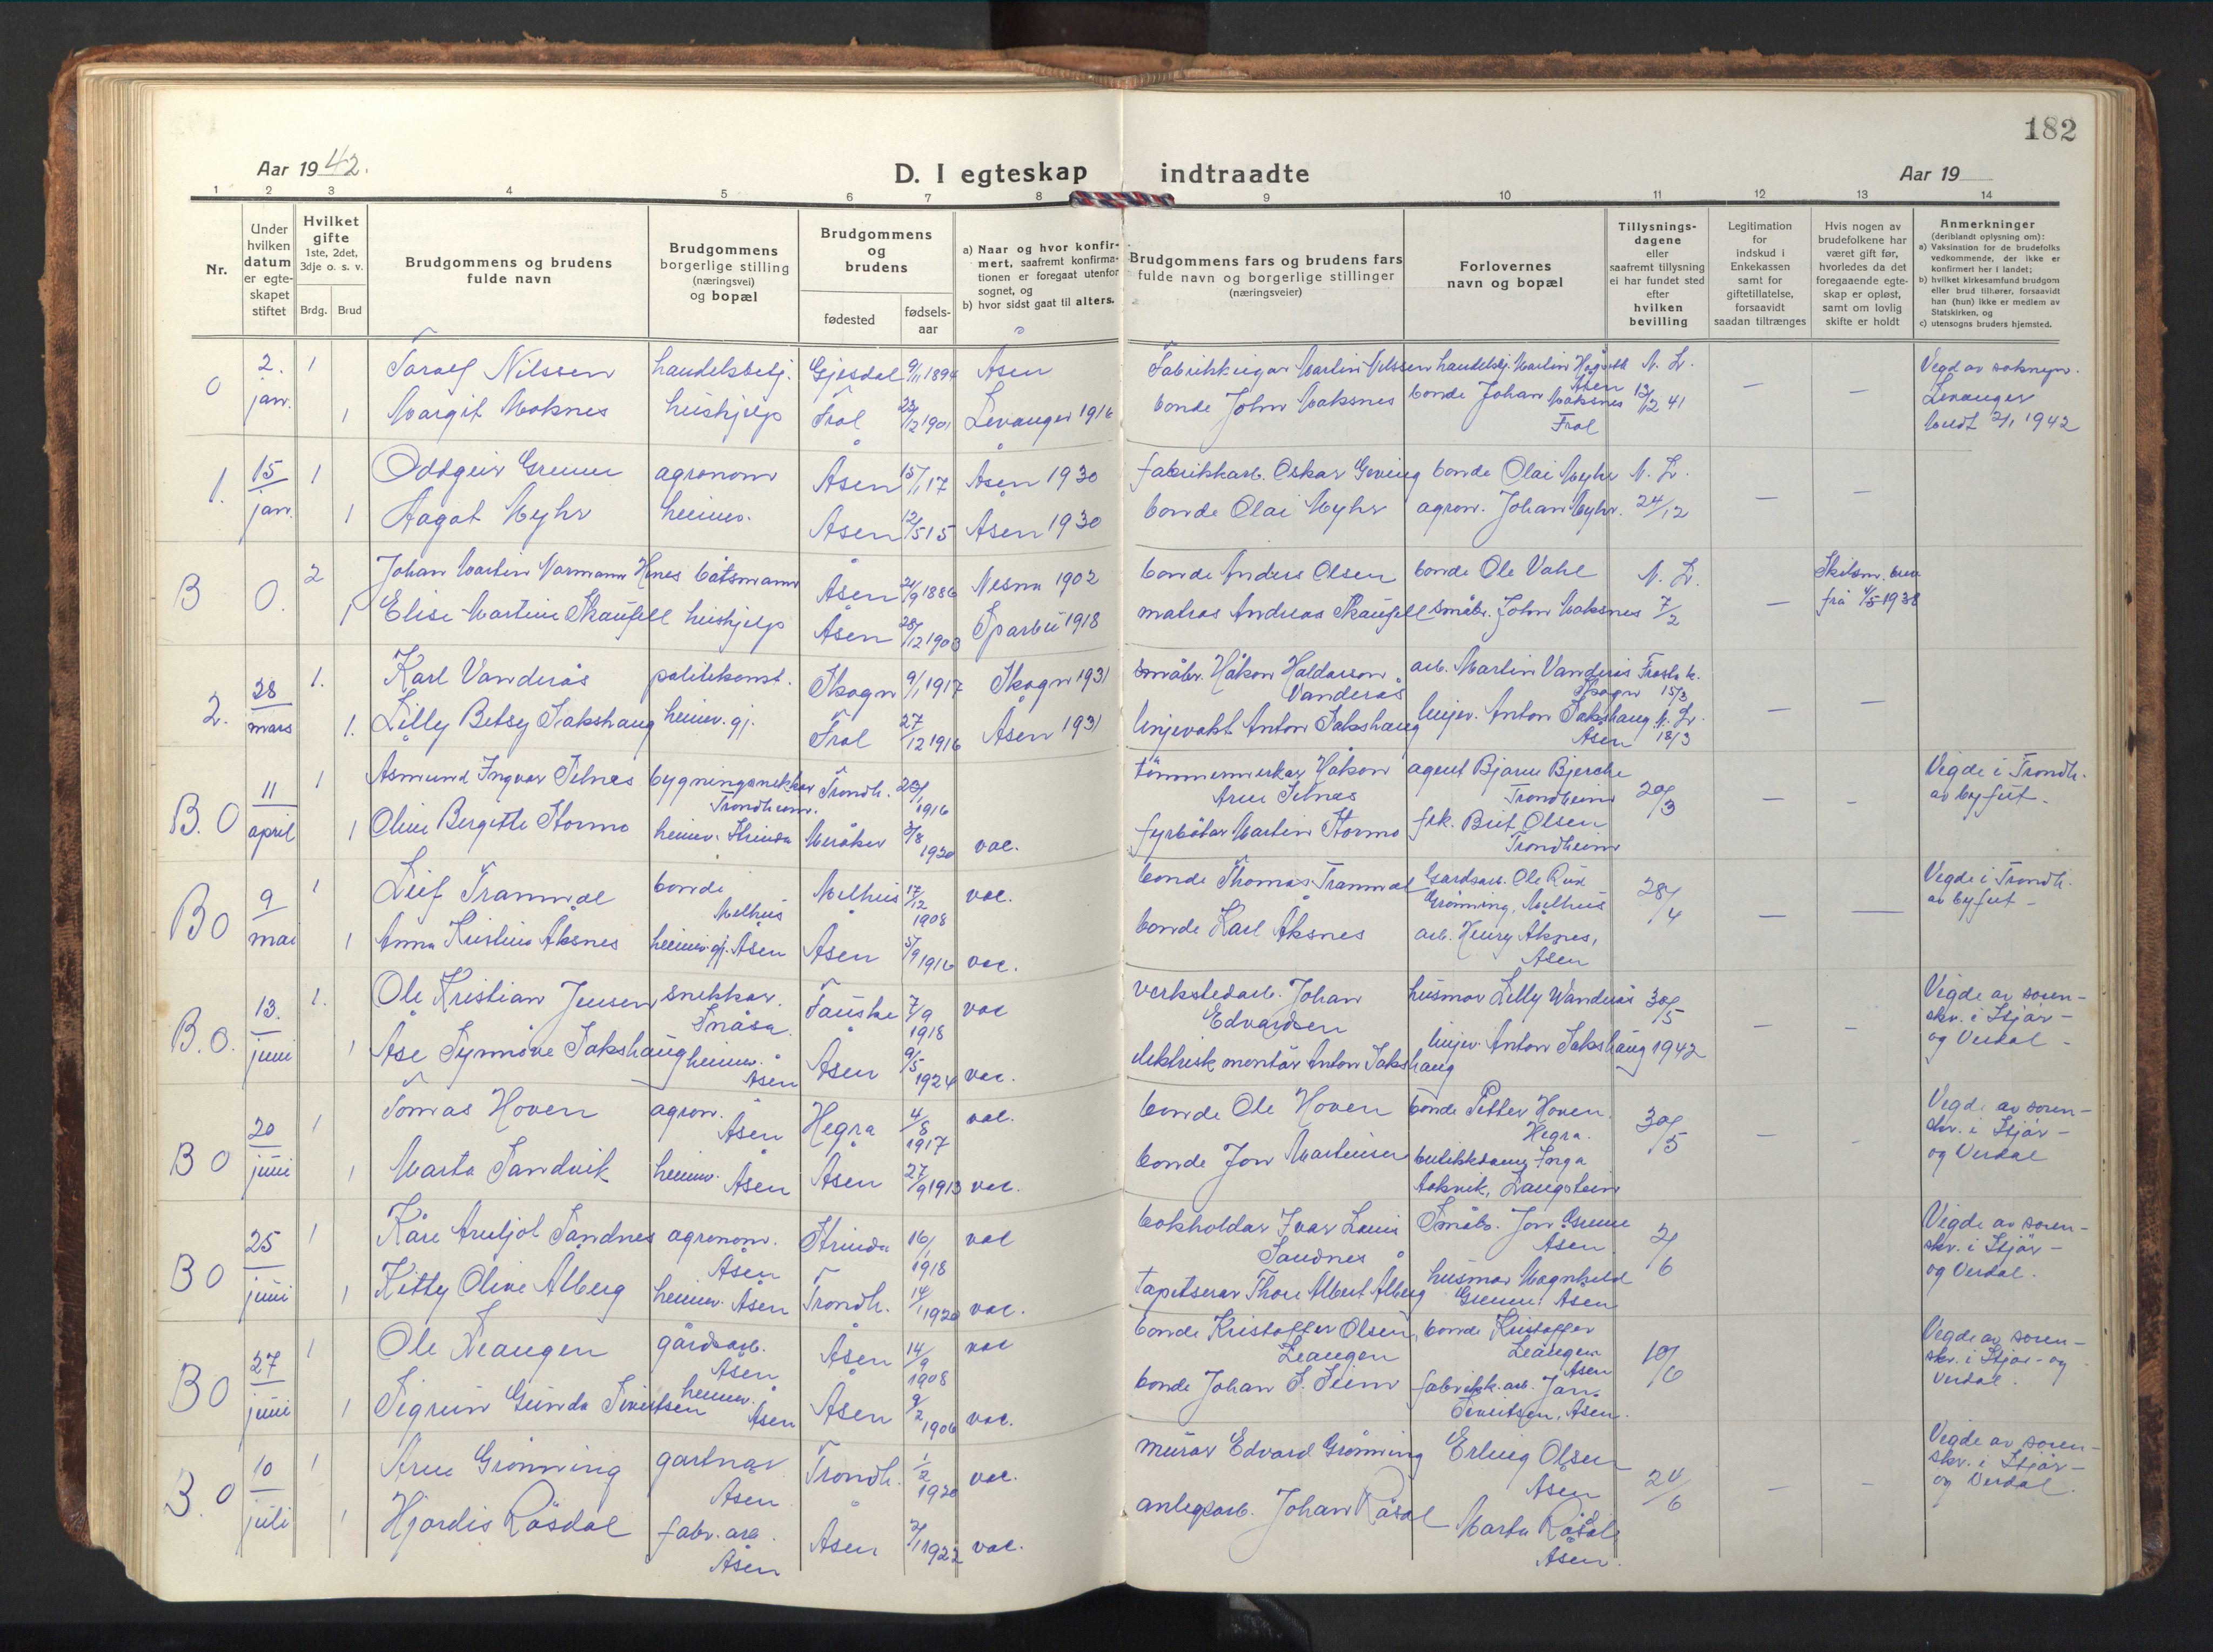 SAT, Ministerialprotokoller, klokkerbøker og fødselsregistre - Nord-Trøndelag, 714/L0136: Klokkerbok nr. 714C05, 1918-1957, s. 182